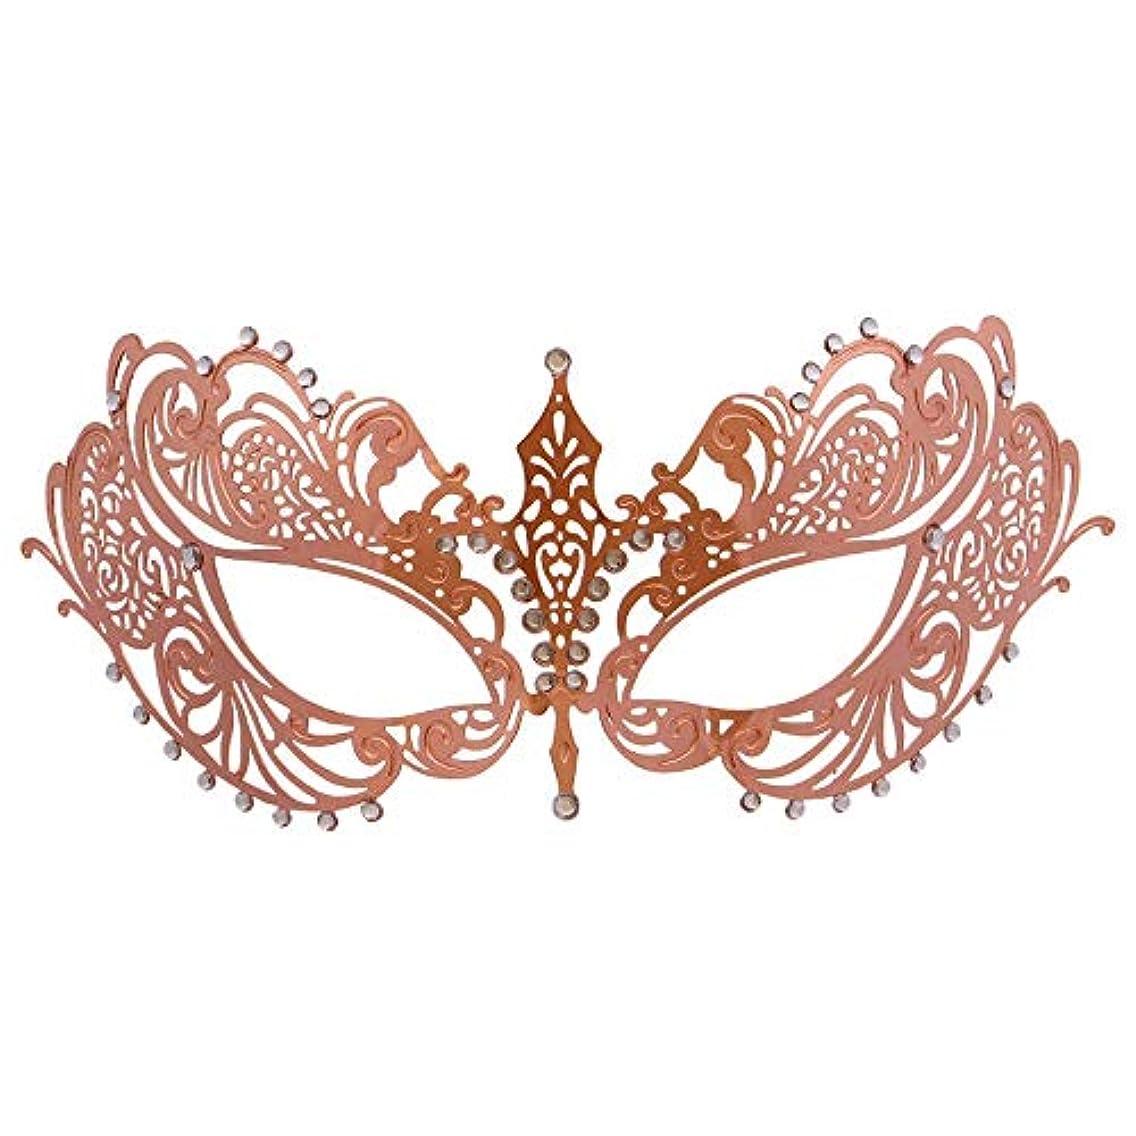 マラドロイト愛資料ダンスマスク 薄い鉄ハーフフェイスローズゴールド鉄ダイヤモンドハイエンドマスクハーフフェイスマスクコスプレパーティーハロウィンマスク パーティーマスク (色 : Rose gold, サイズ : 19x8cm)